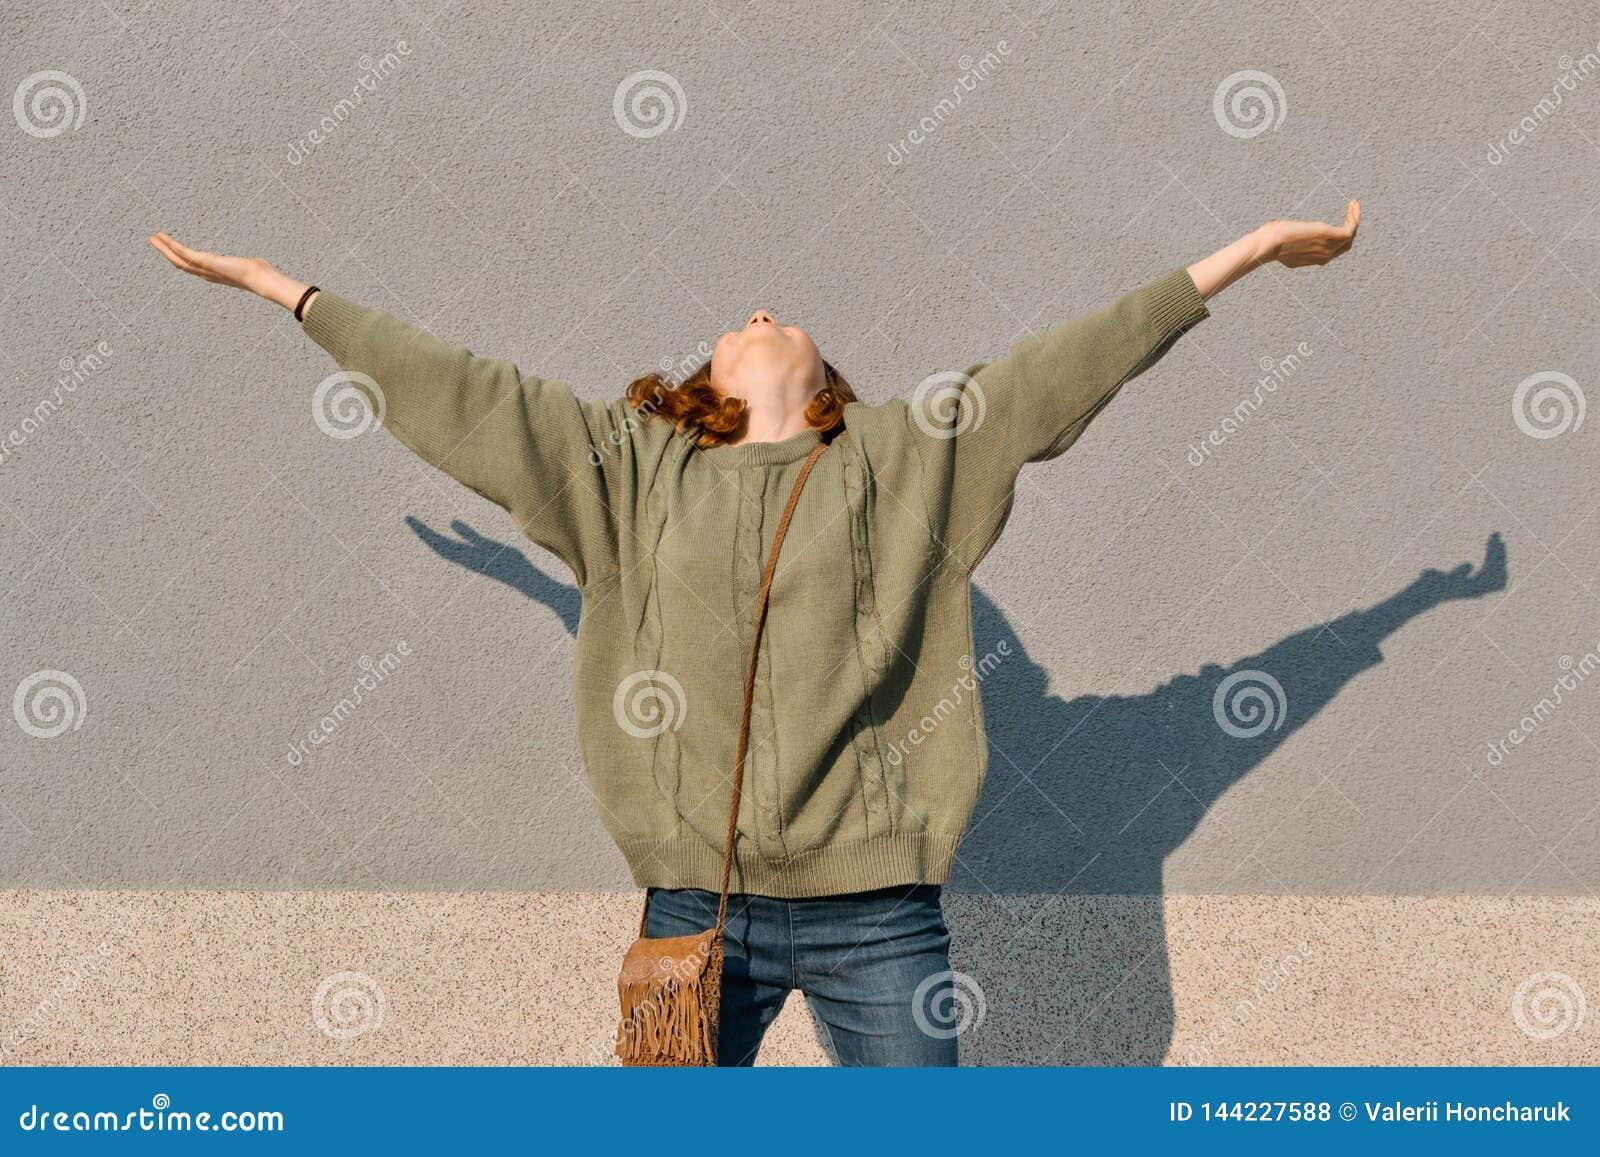 На открытом воздухе портрет счастливой предназначенной для подростков девушки с руками вверх и закрытыми глазами, серой солнечной